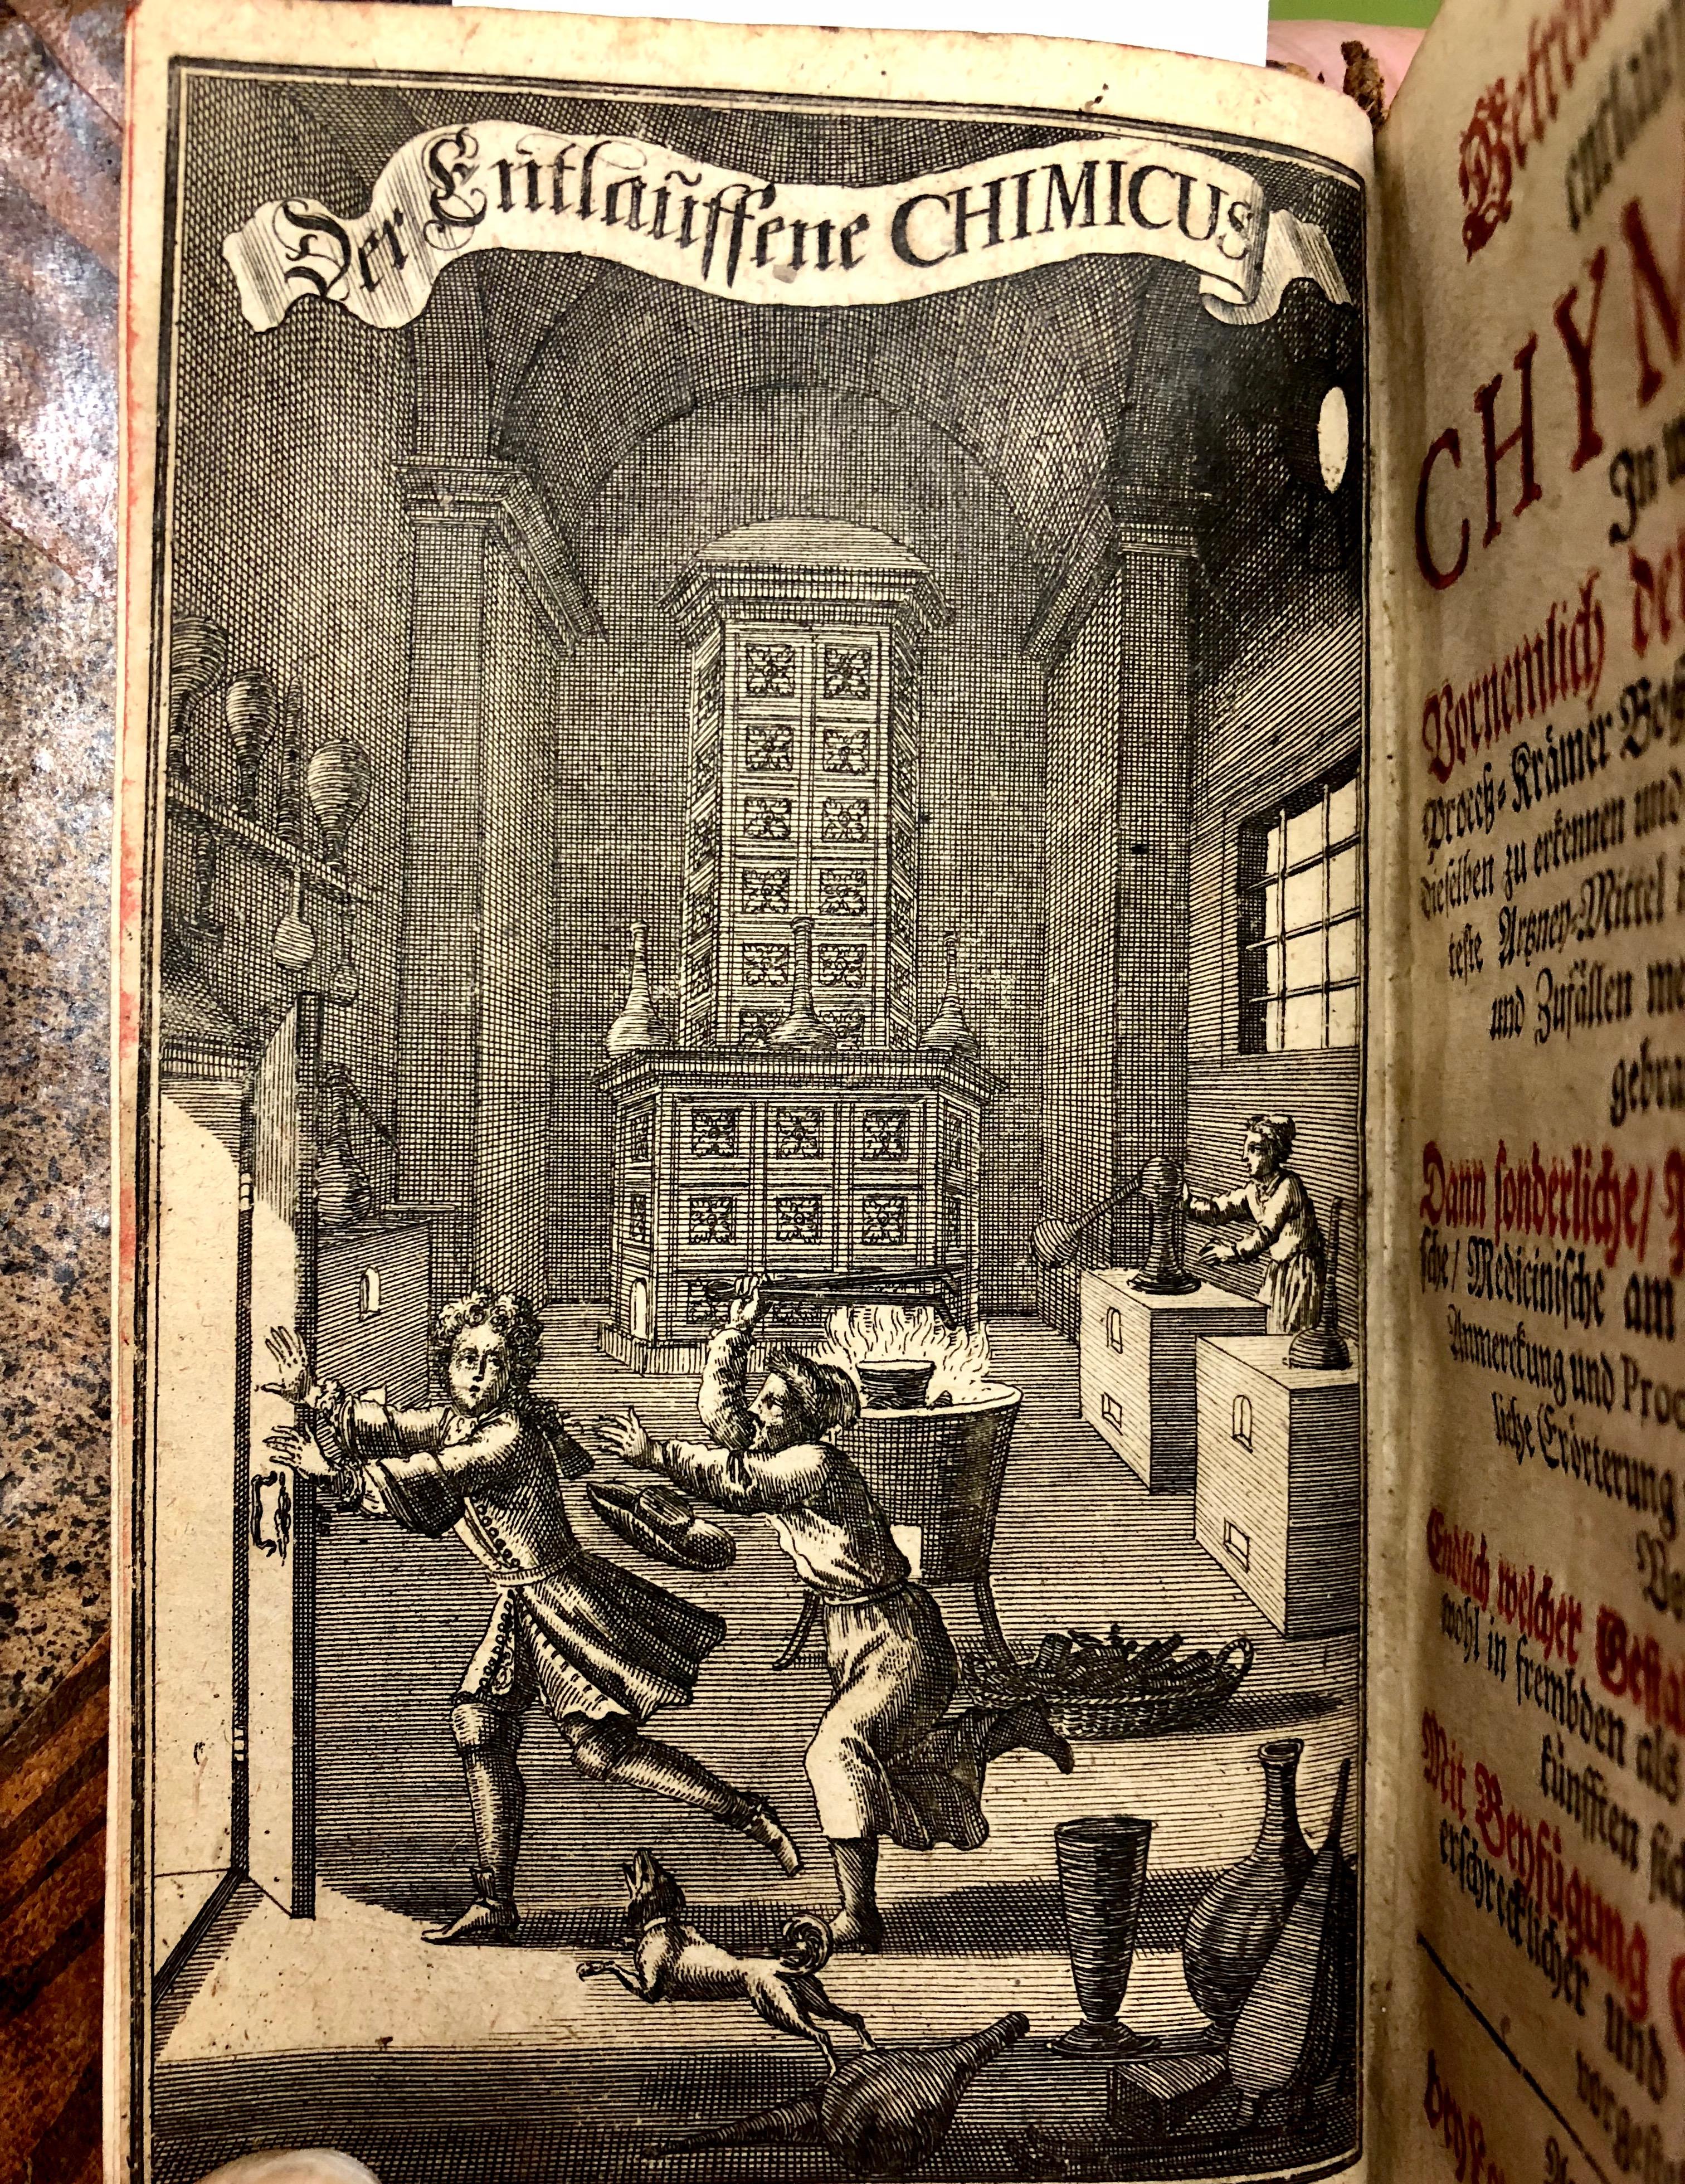 Illustration from 'Des getreuen Eckharts entlauffener Chymicus : ... der Laboranten und Process-Krämer Bossheit und Betrügerey ...' by Johann Christoph Ettner, 1697, Augsberg and Leipzig. (Maddison Collection 2A24, F10610300)